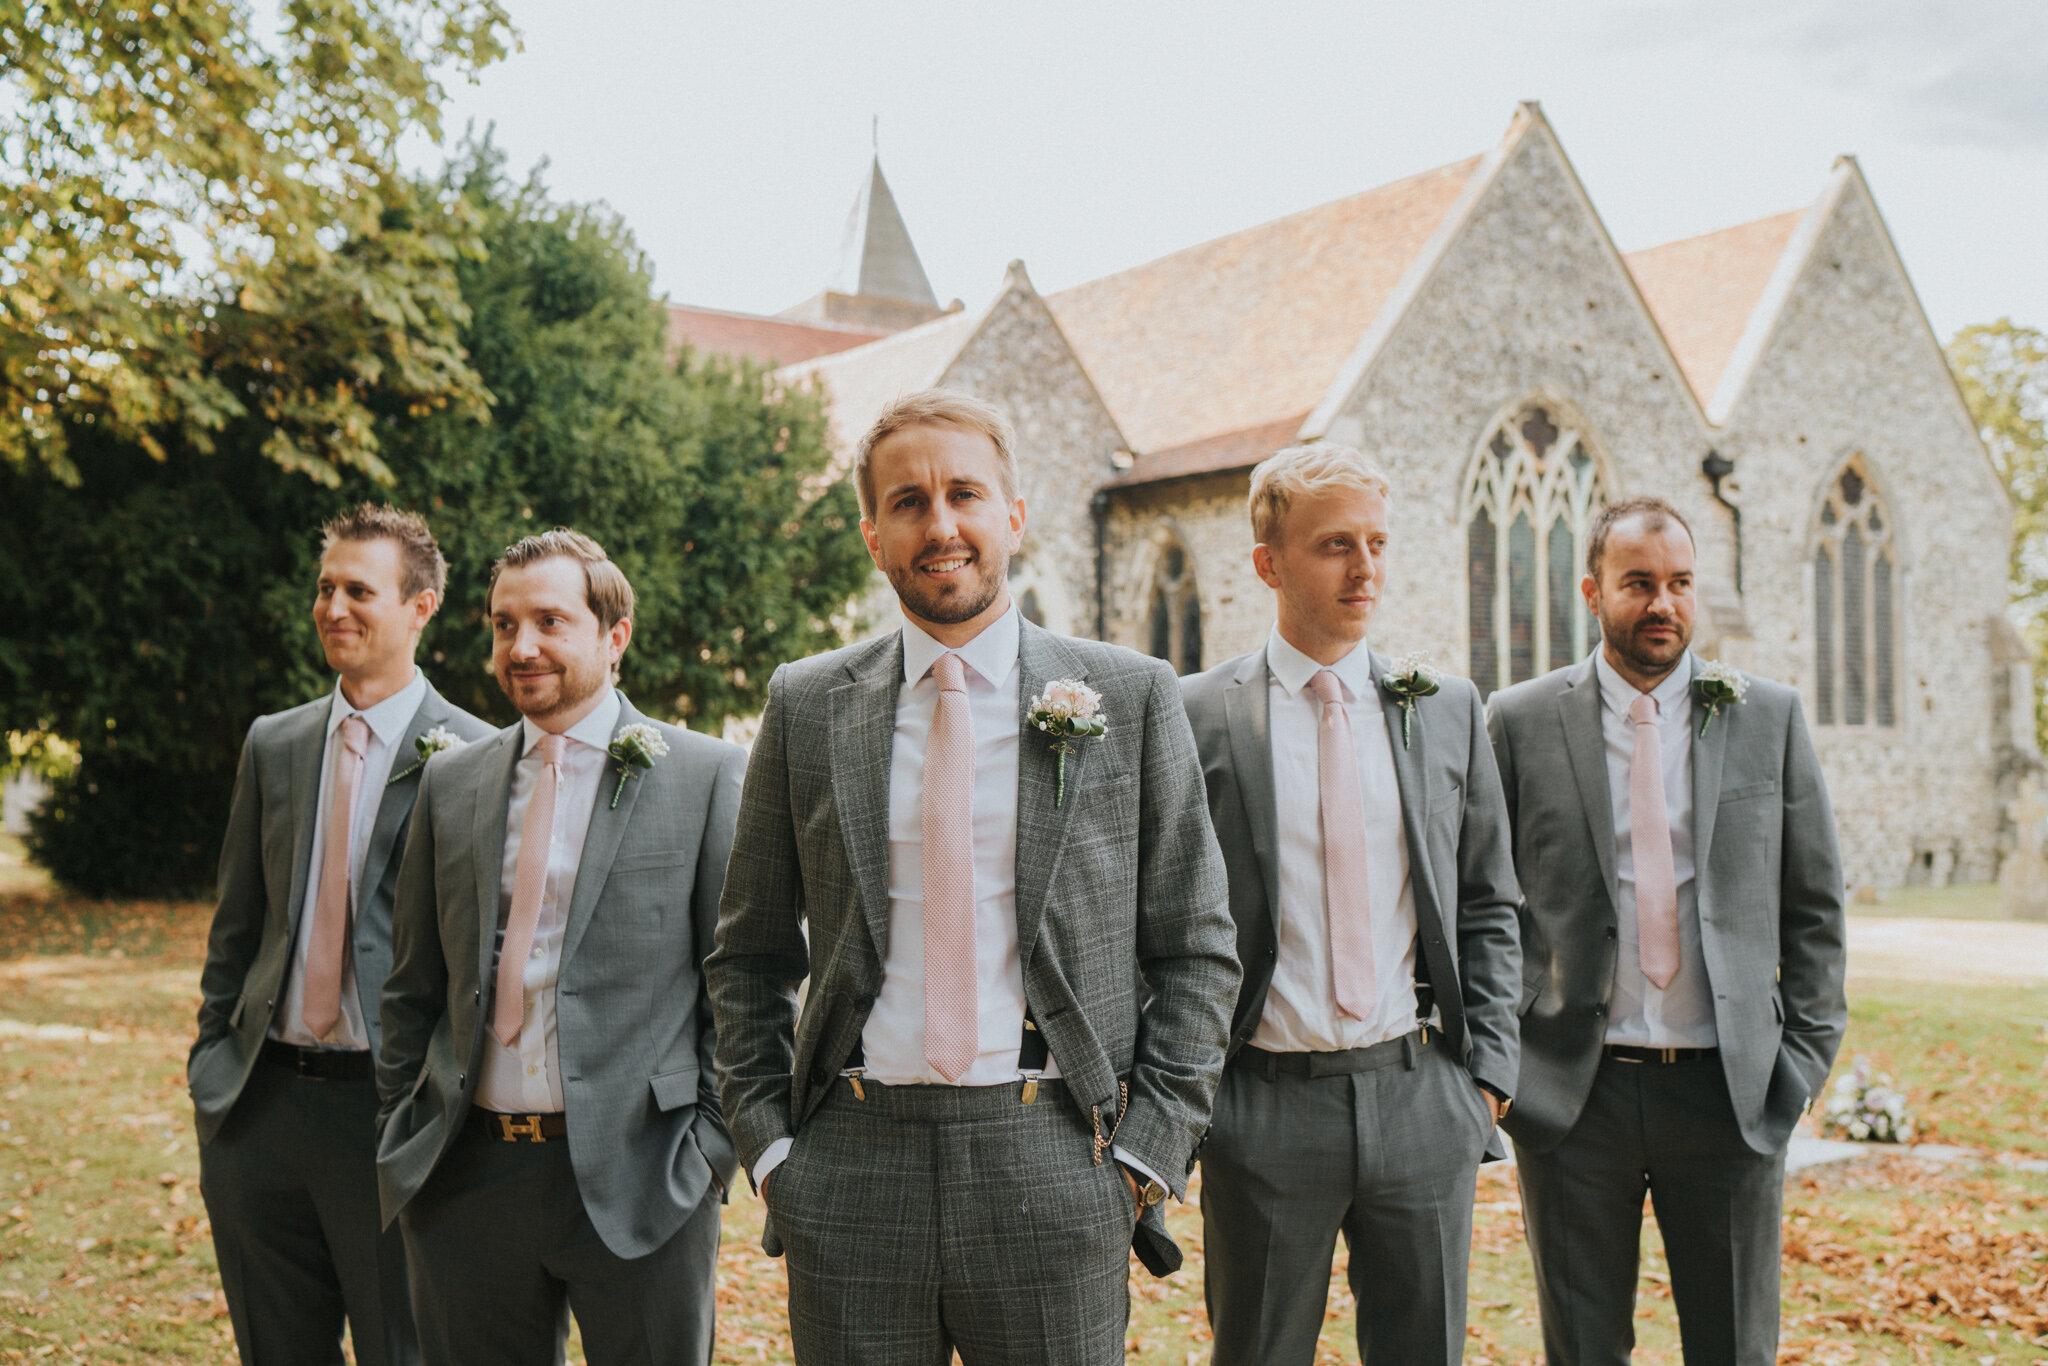 amy-ross-diy-garden-wedding-grace-elizabeth-colchester-essex-suffolk-devon-norfolk-wedding-lifestyle-photographer (31 of 51).jpg